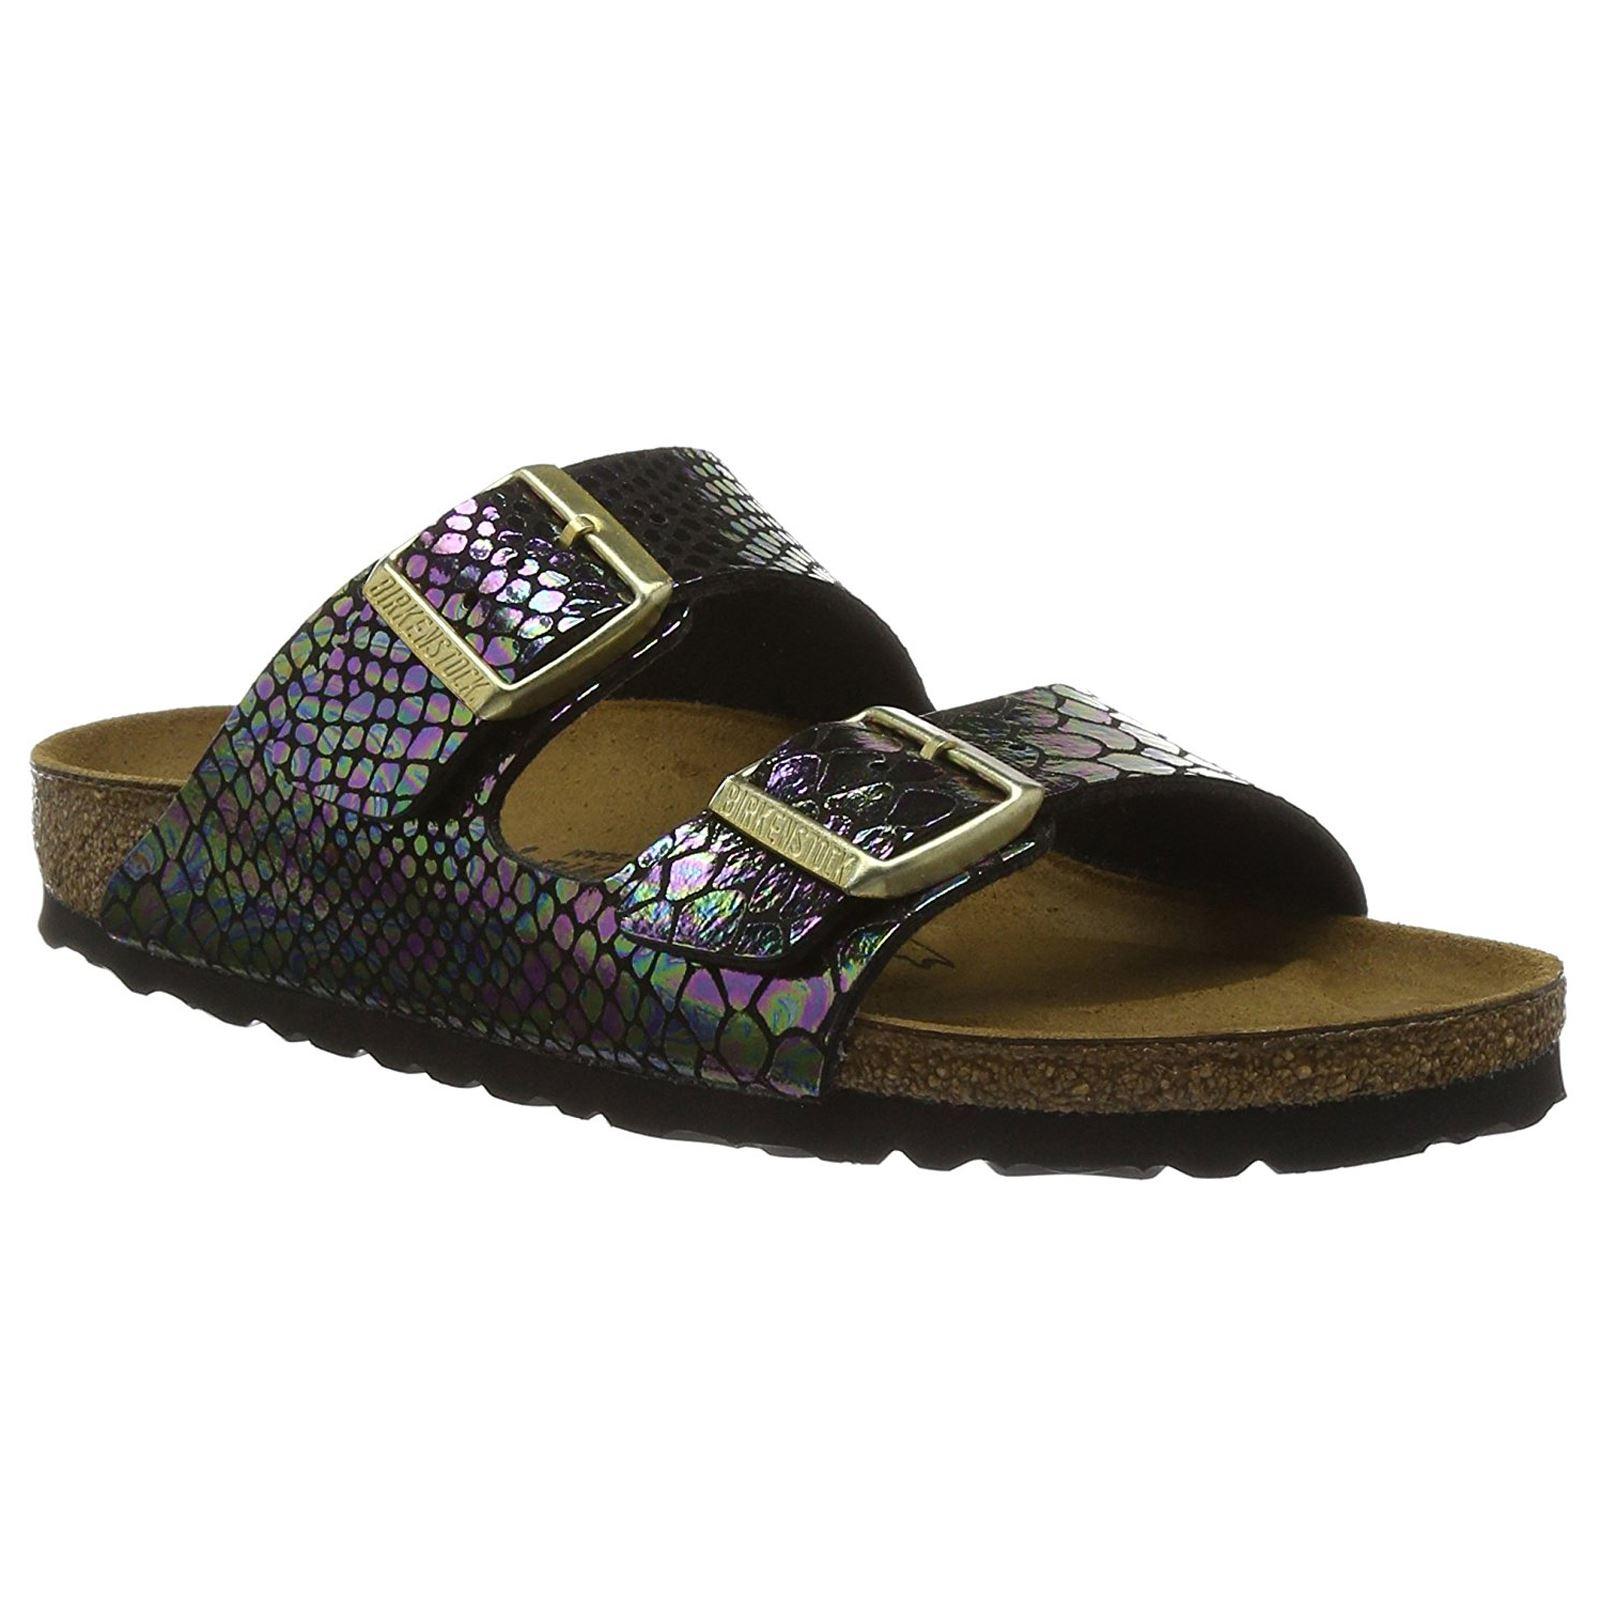 8622263d0a6 Birkenstock Arizona Shiny Snake Black Multicolor Womens Birko-Flor Slide  Sandals